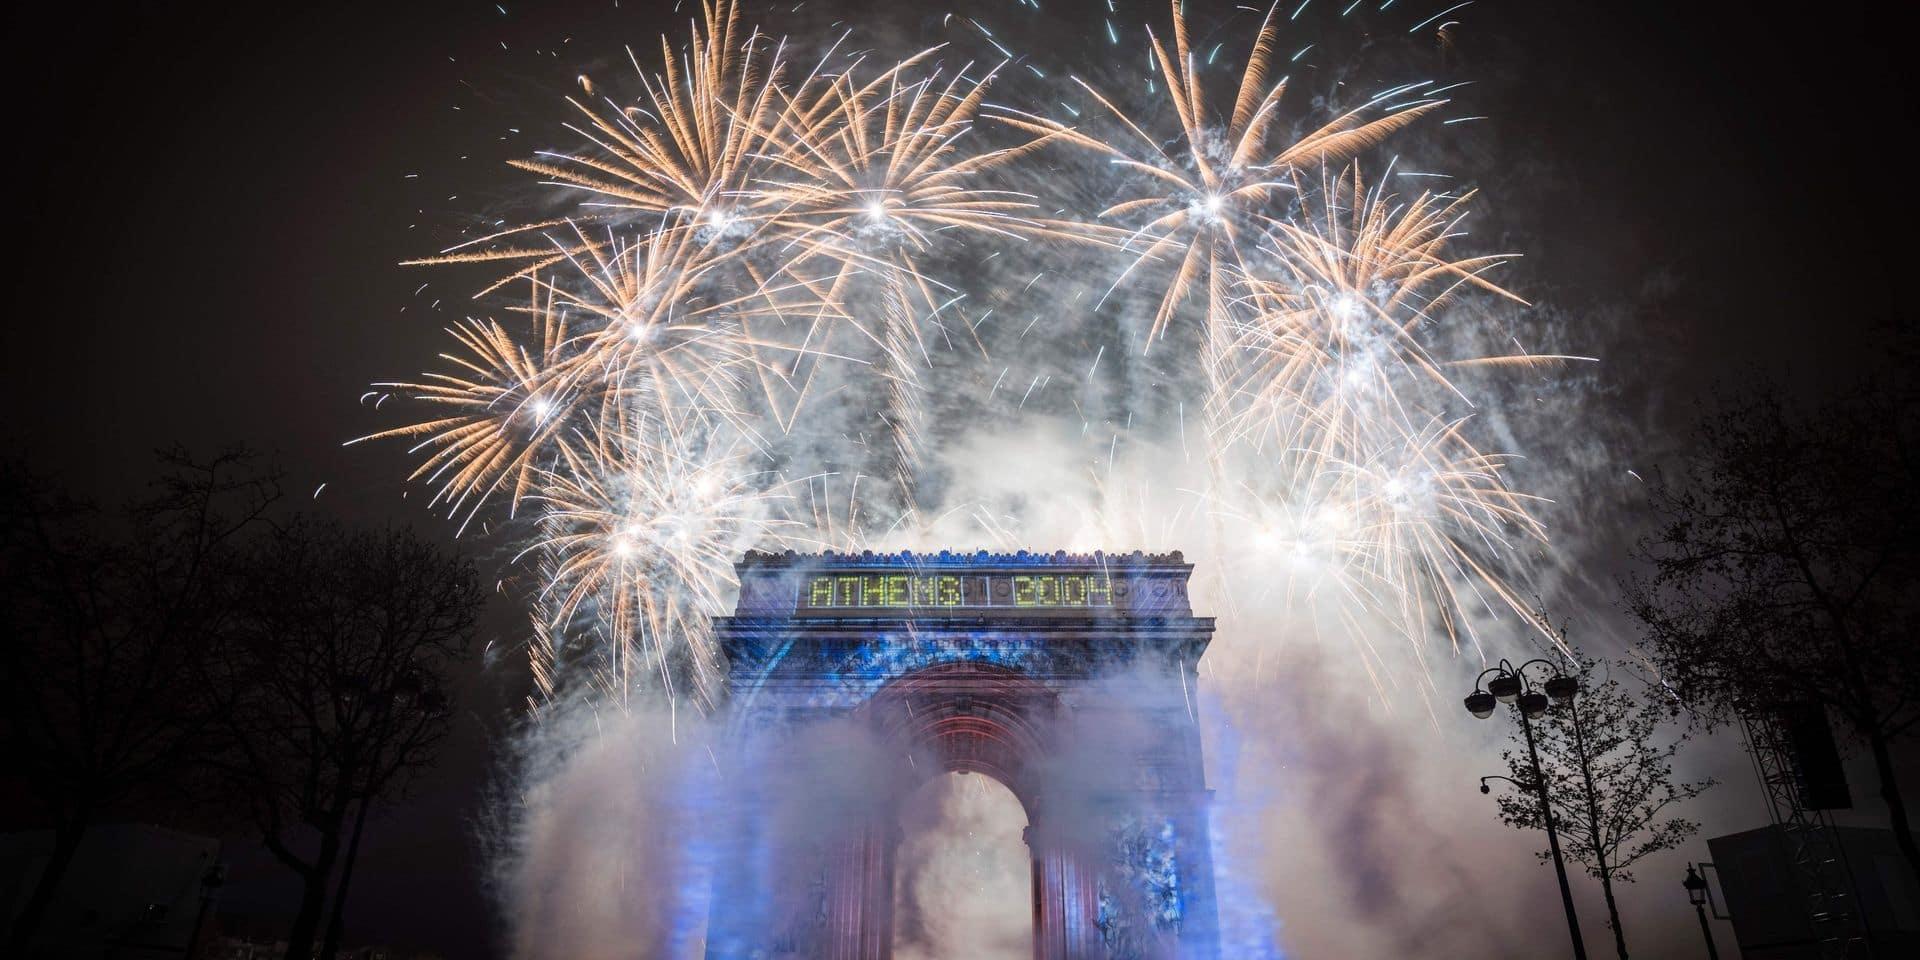 Paris aura son feu d'artifice le 14 juillet, mais sans public